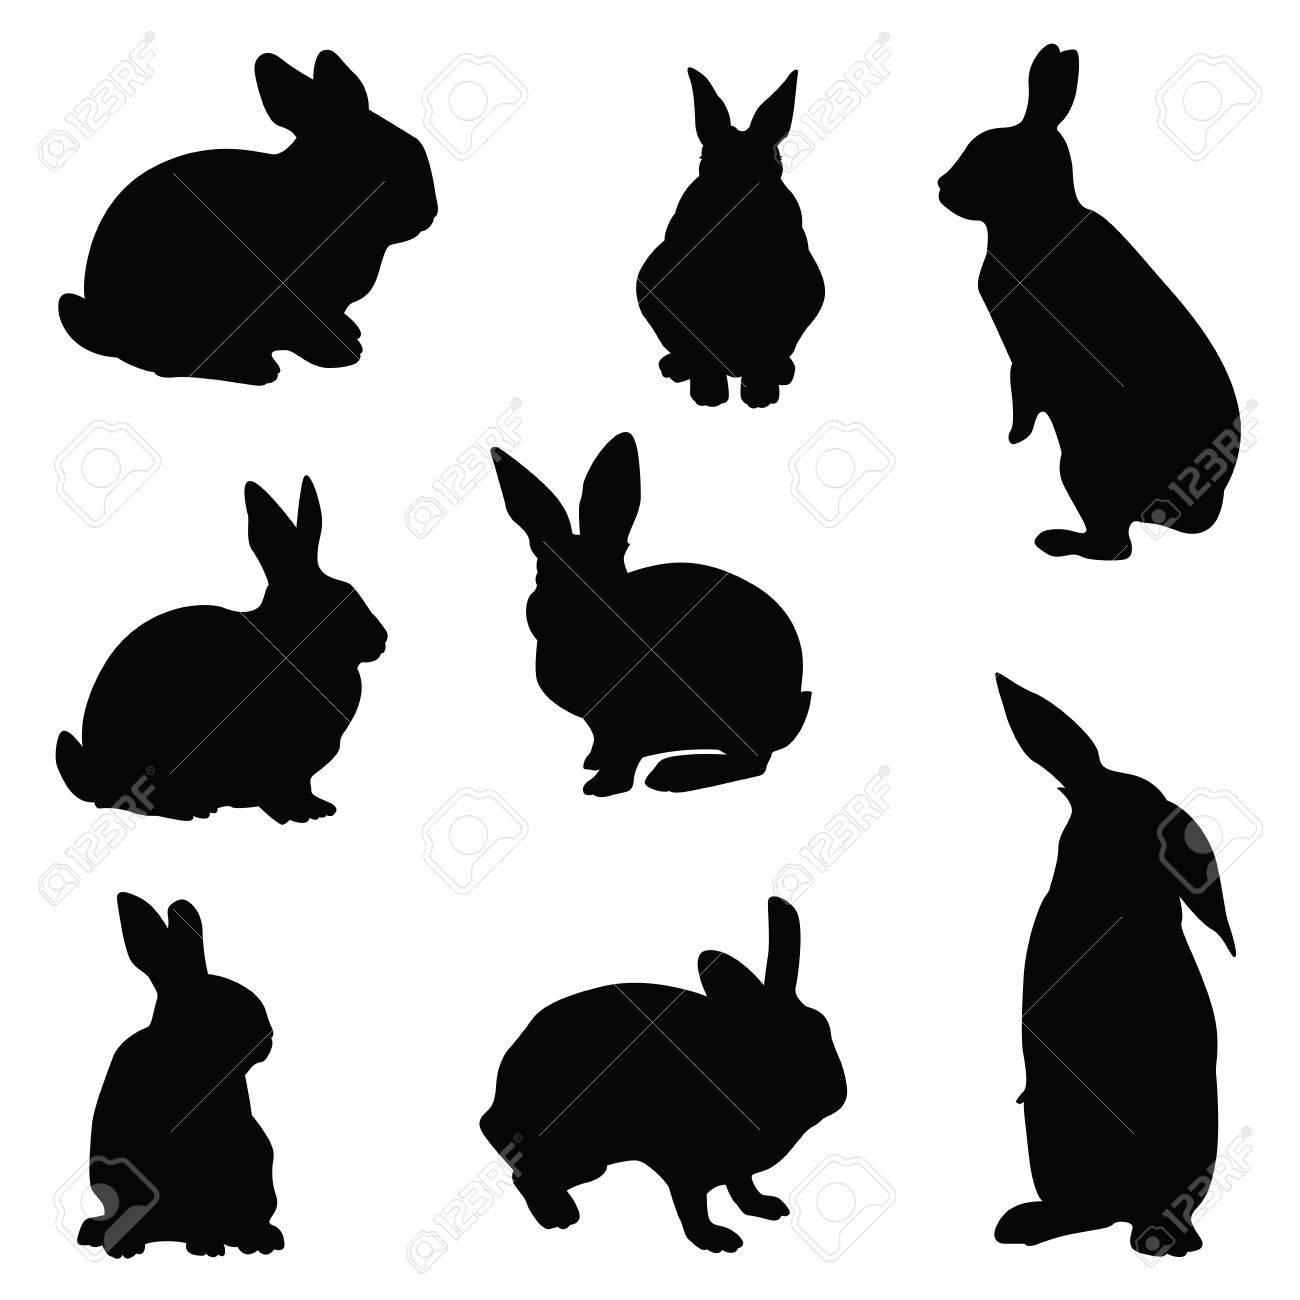 ウサギのシルエットのイラスト セット ロイヤリティフリークリップアート